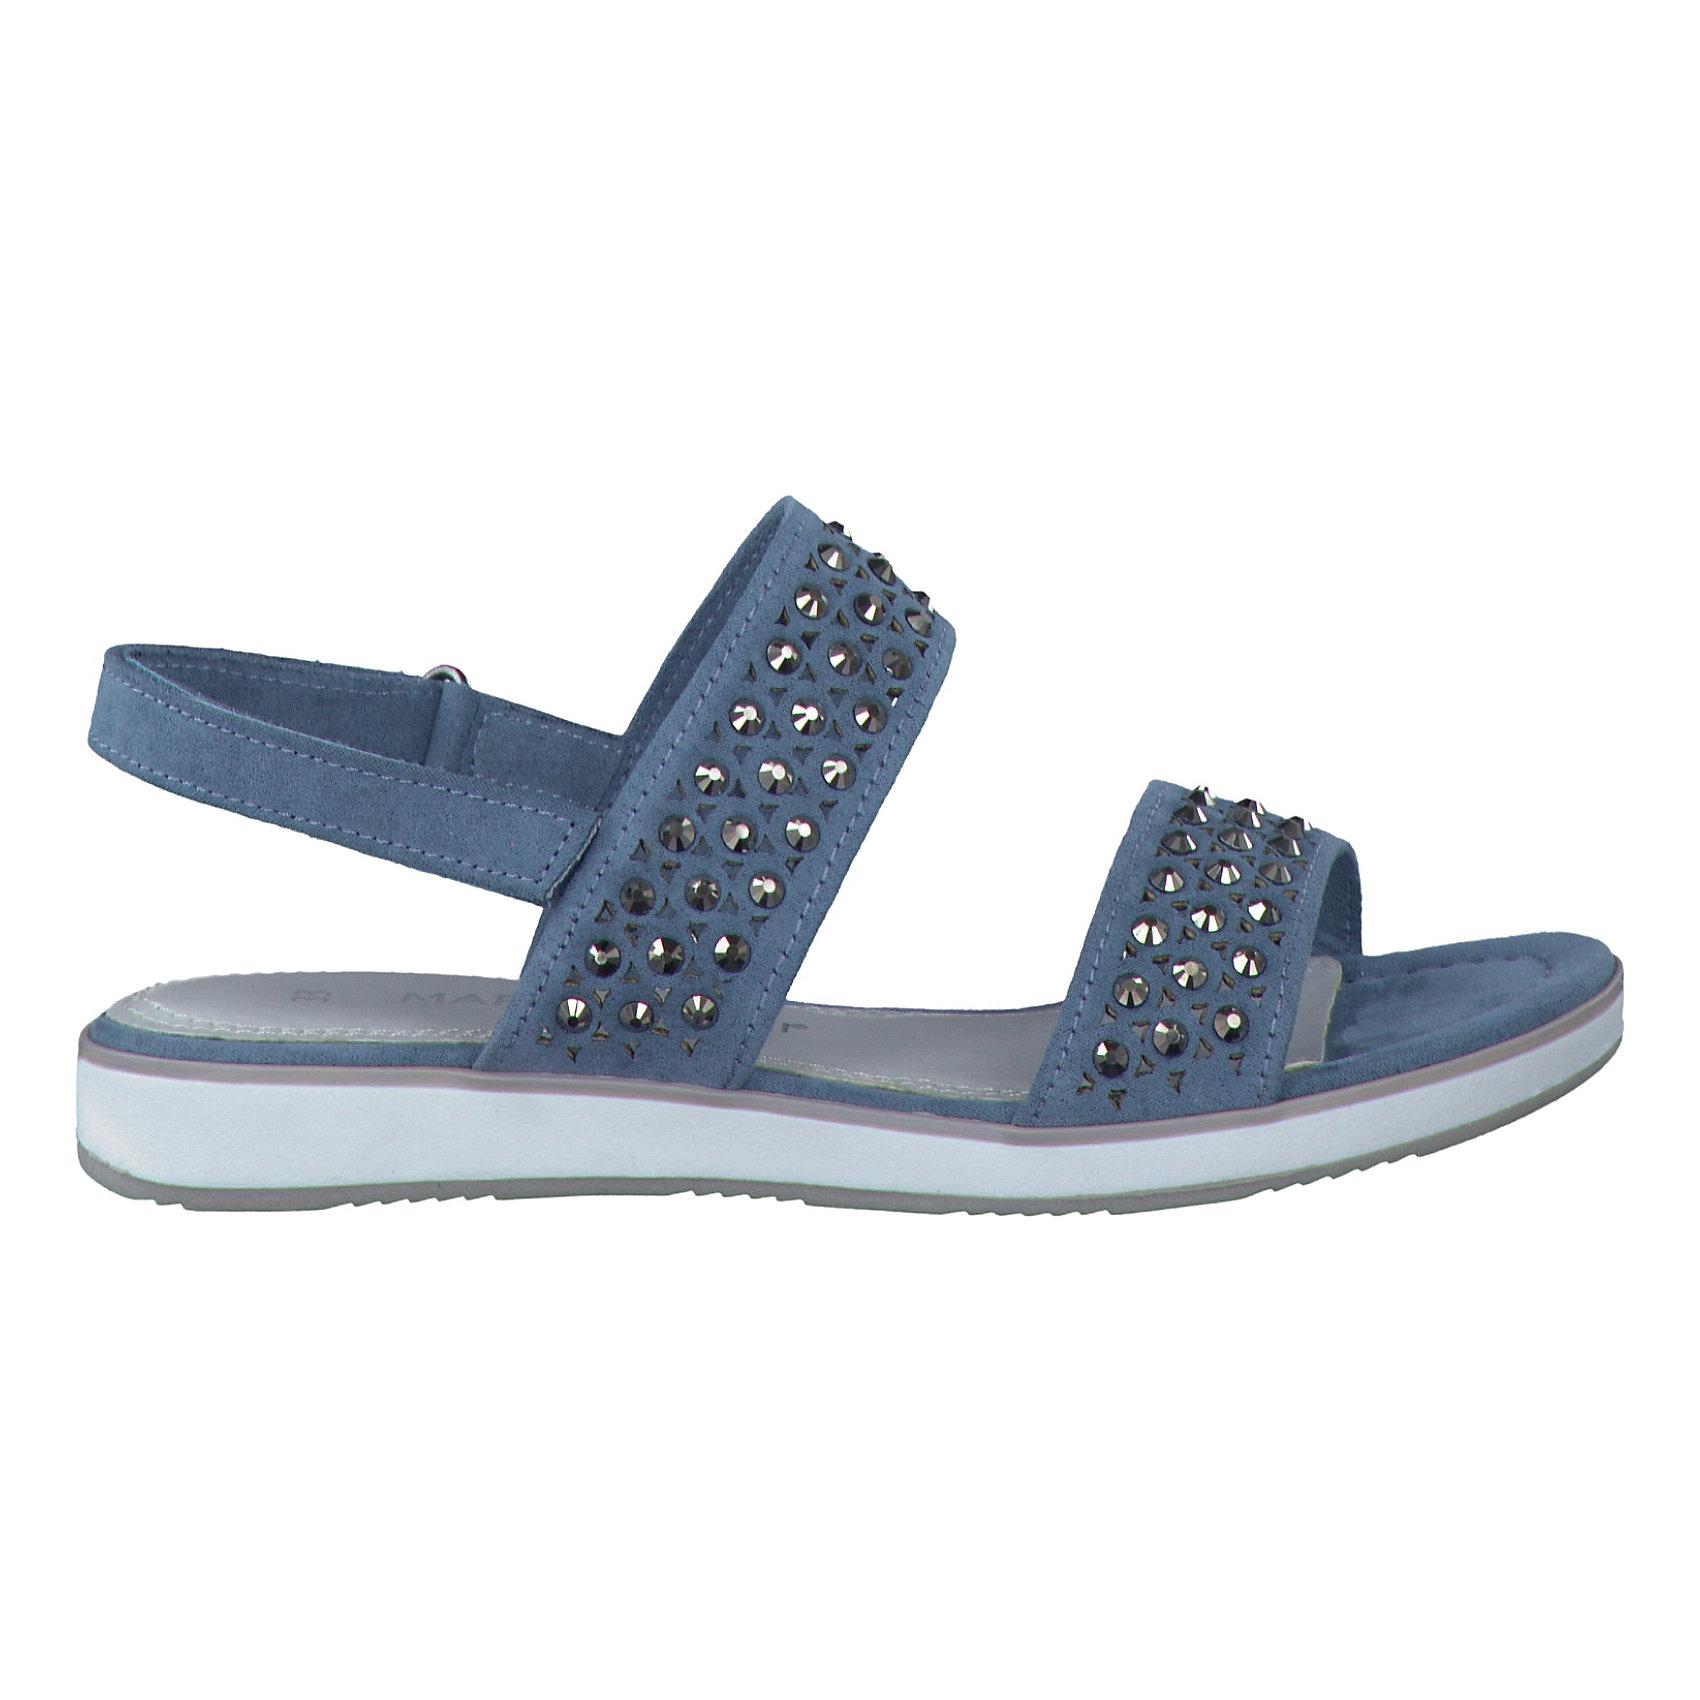 Details zu Neu MARCO TOZZI Sandalen für Mädchen 5585509 für Mädchen blau